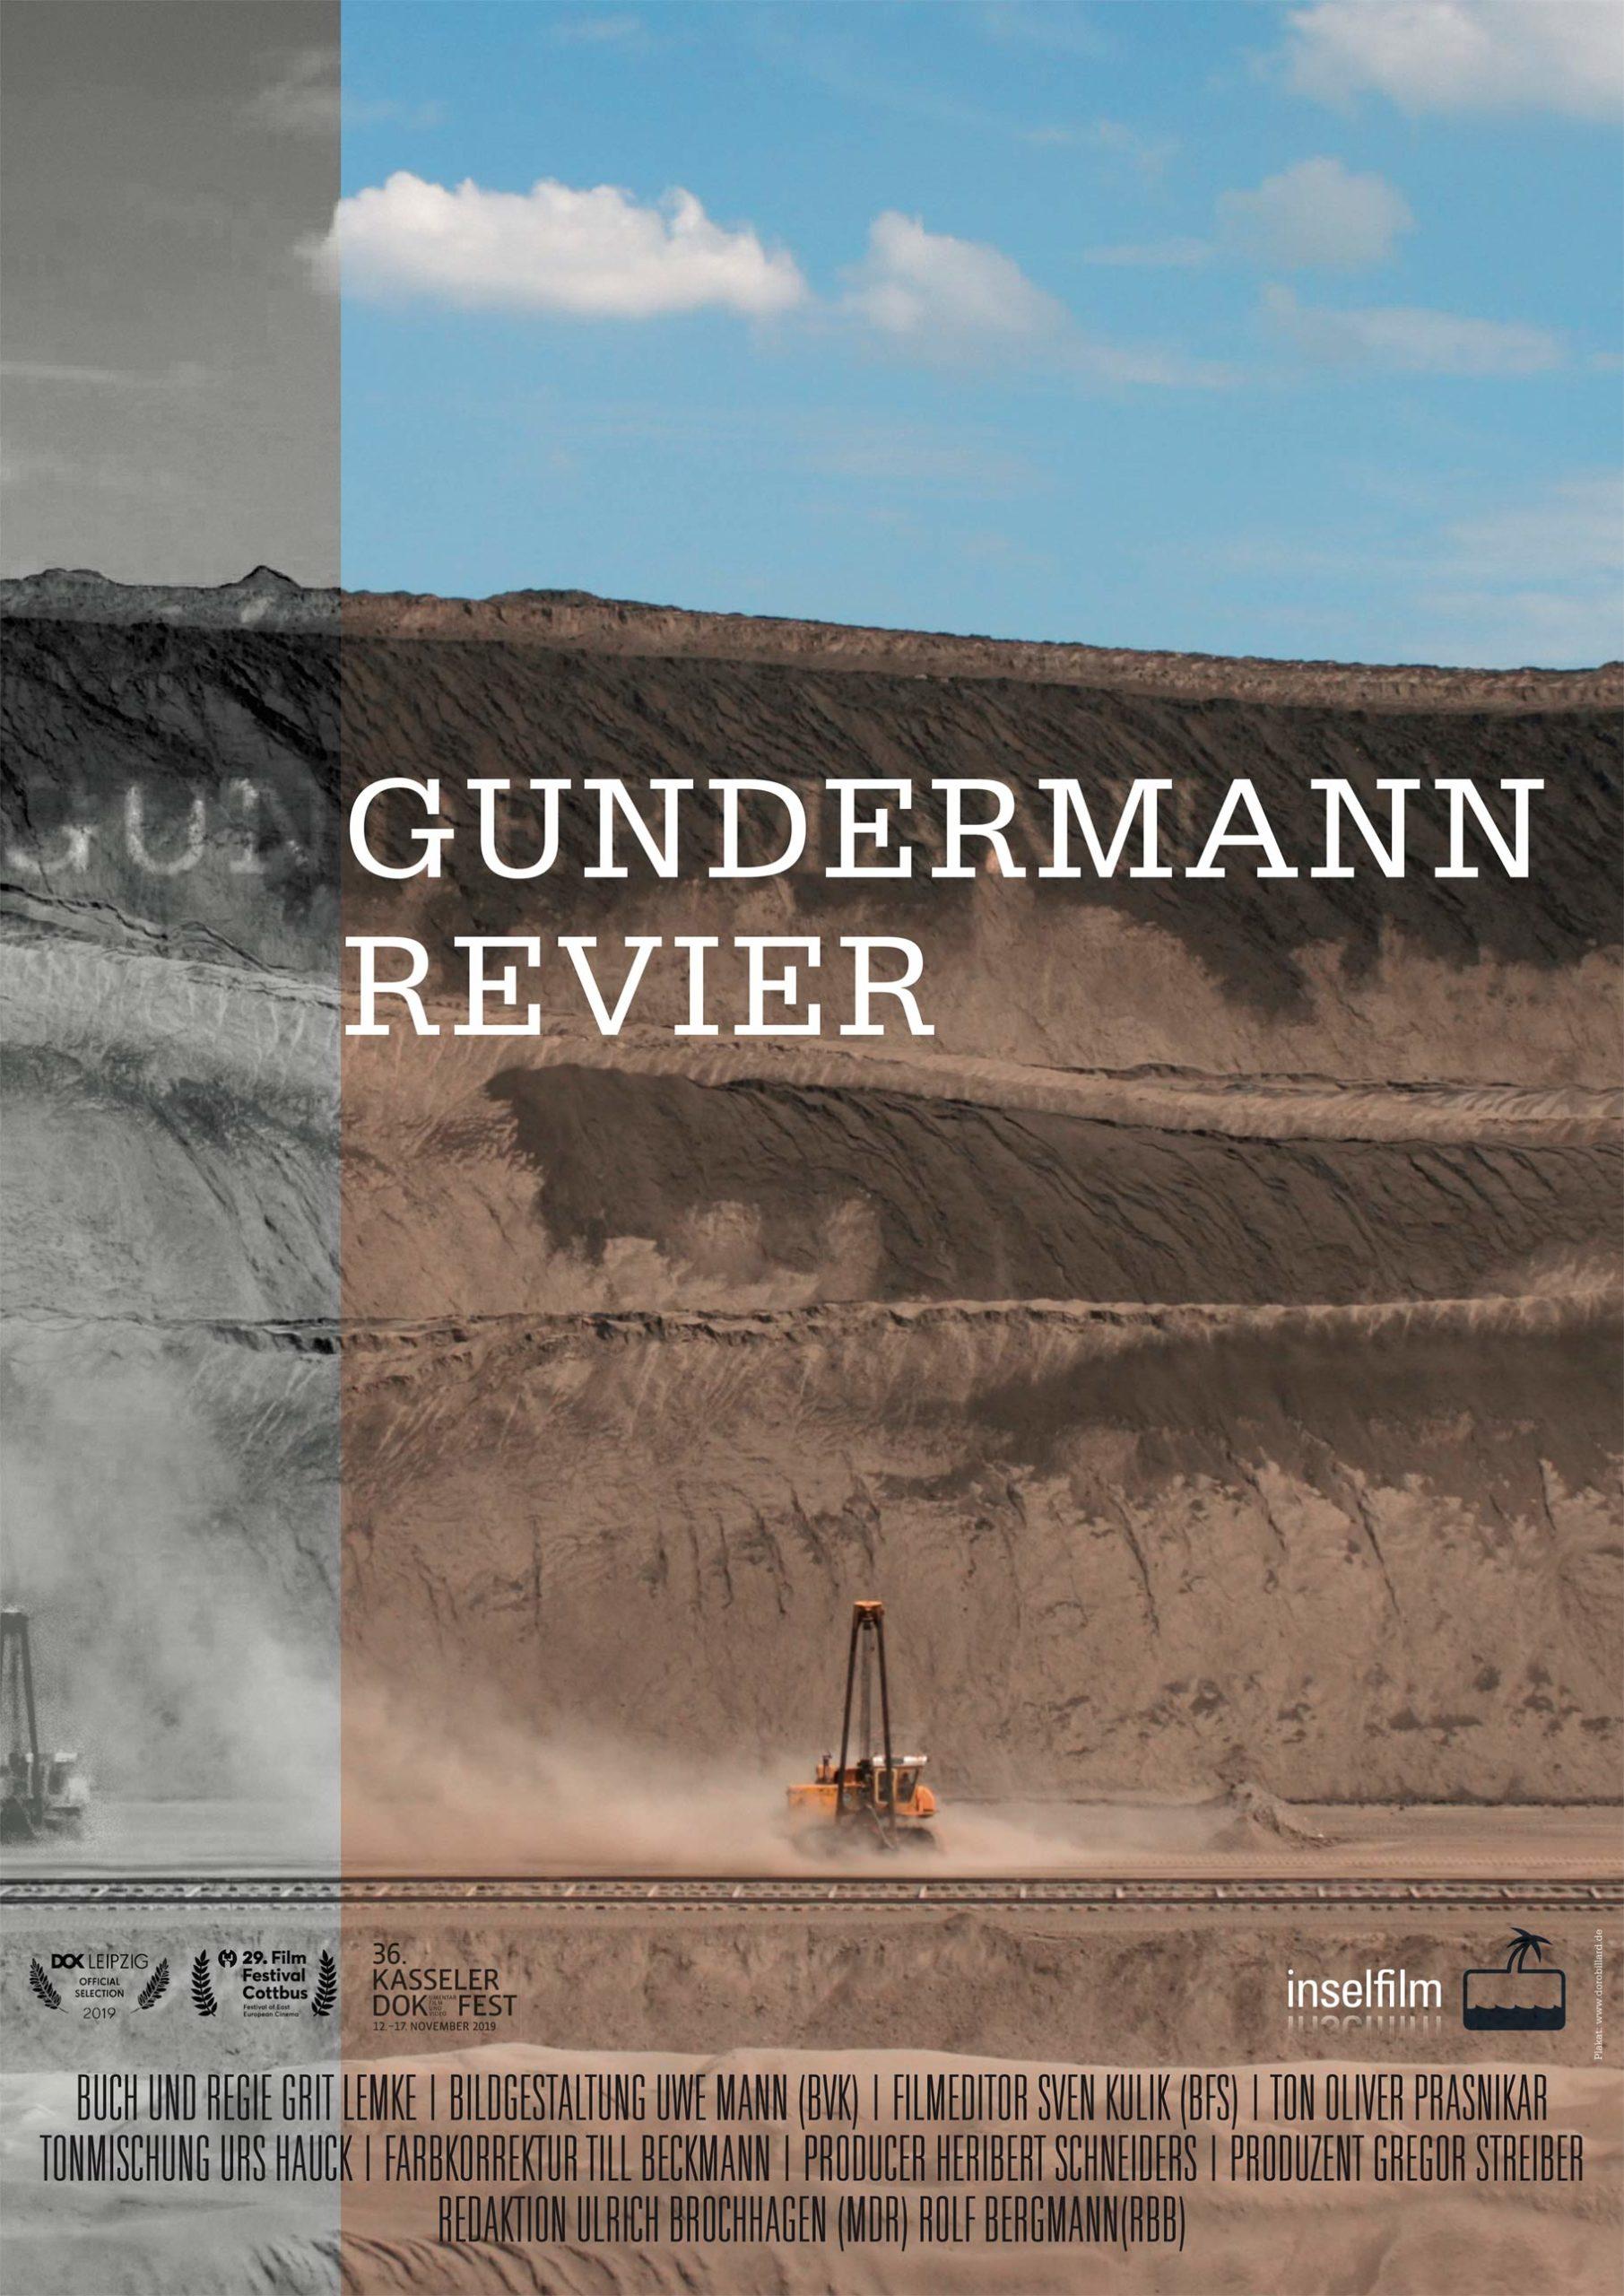 Gundermann Revier - Dokumentarfilm 2019, Plakat